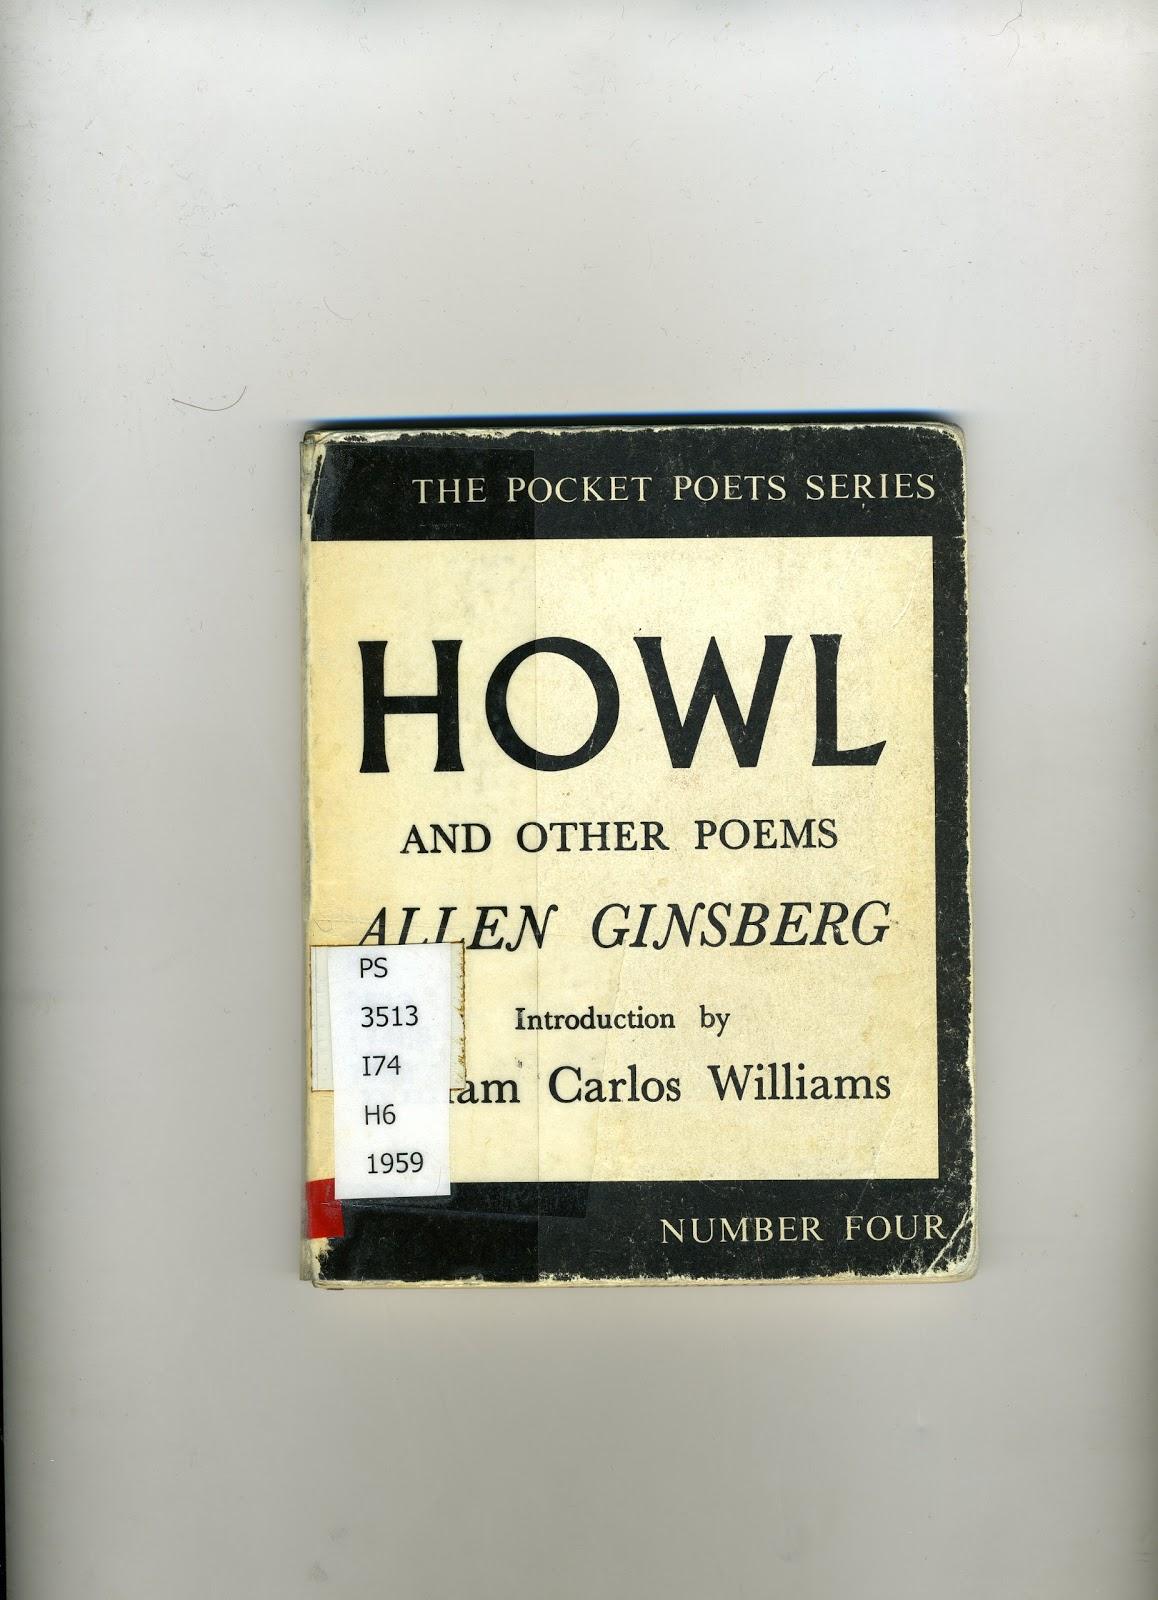 Howl allen ginsberg essay